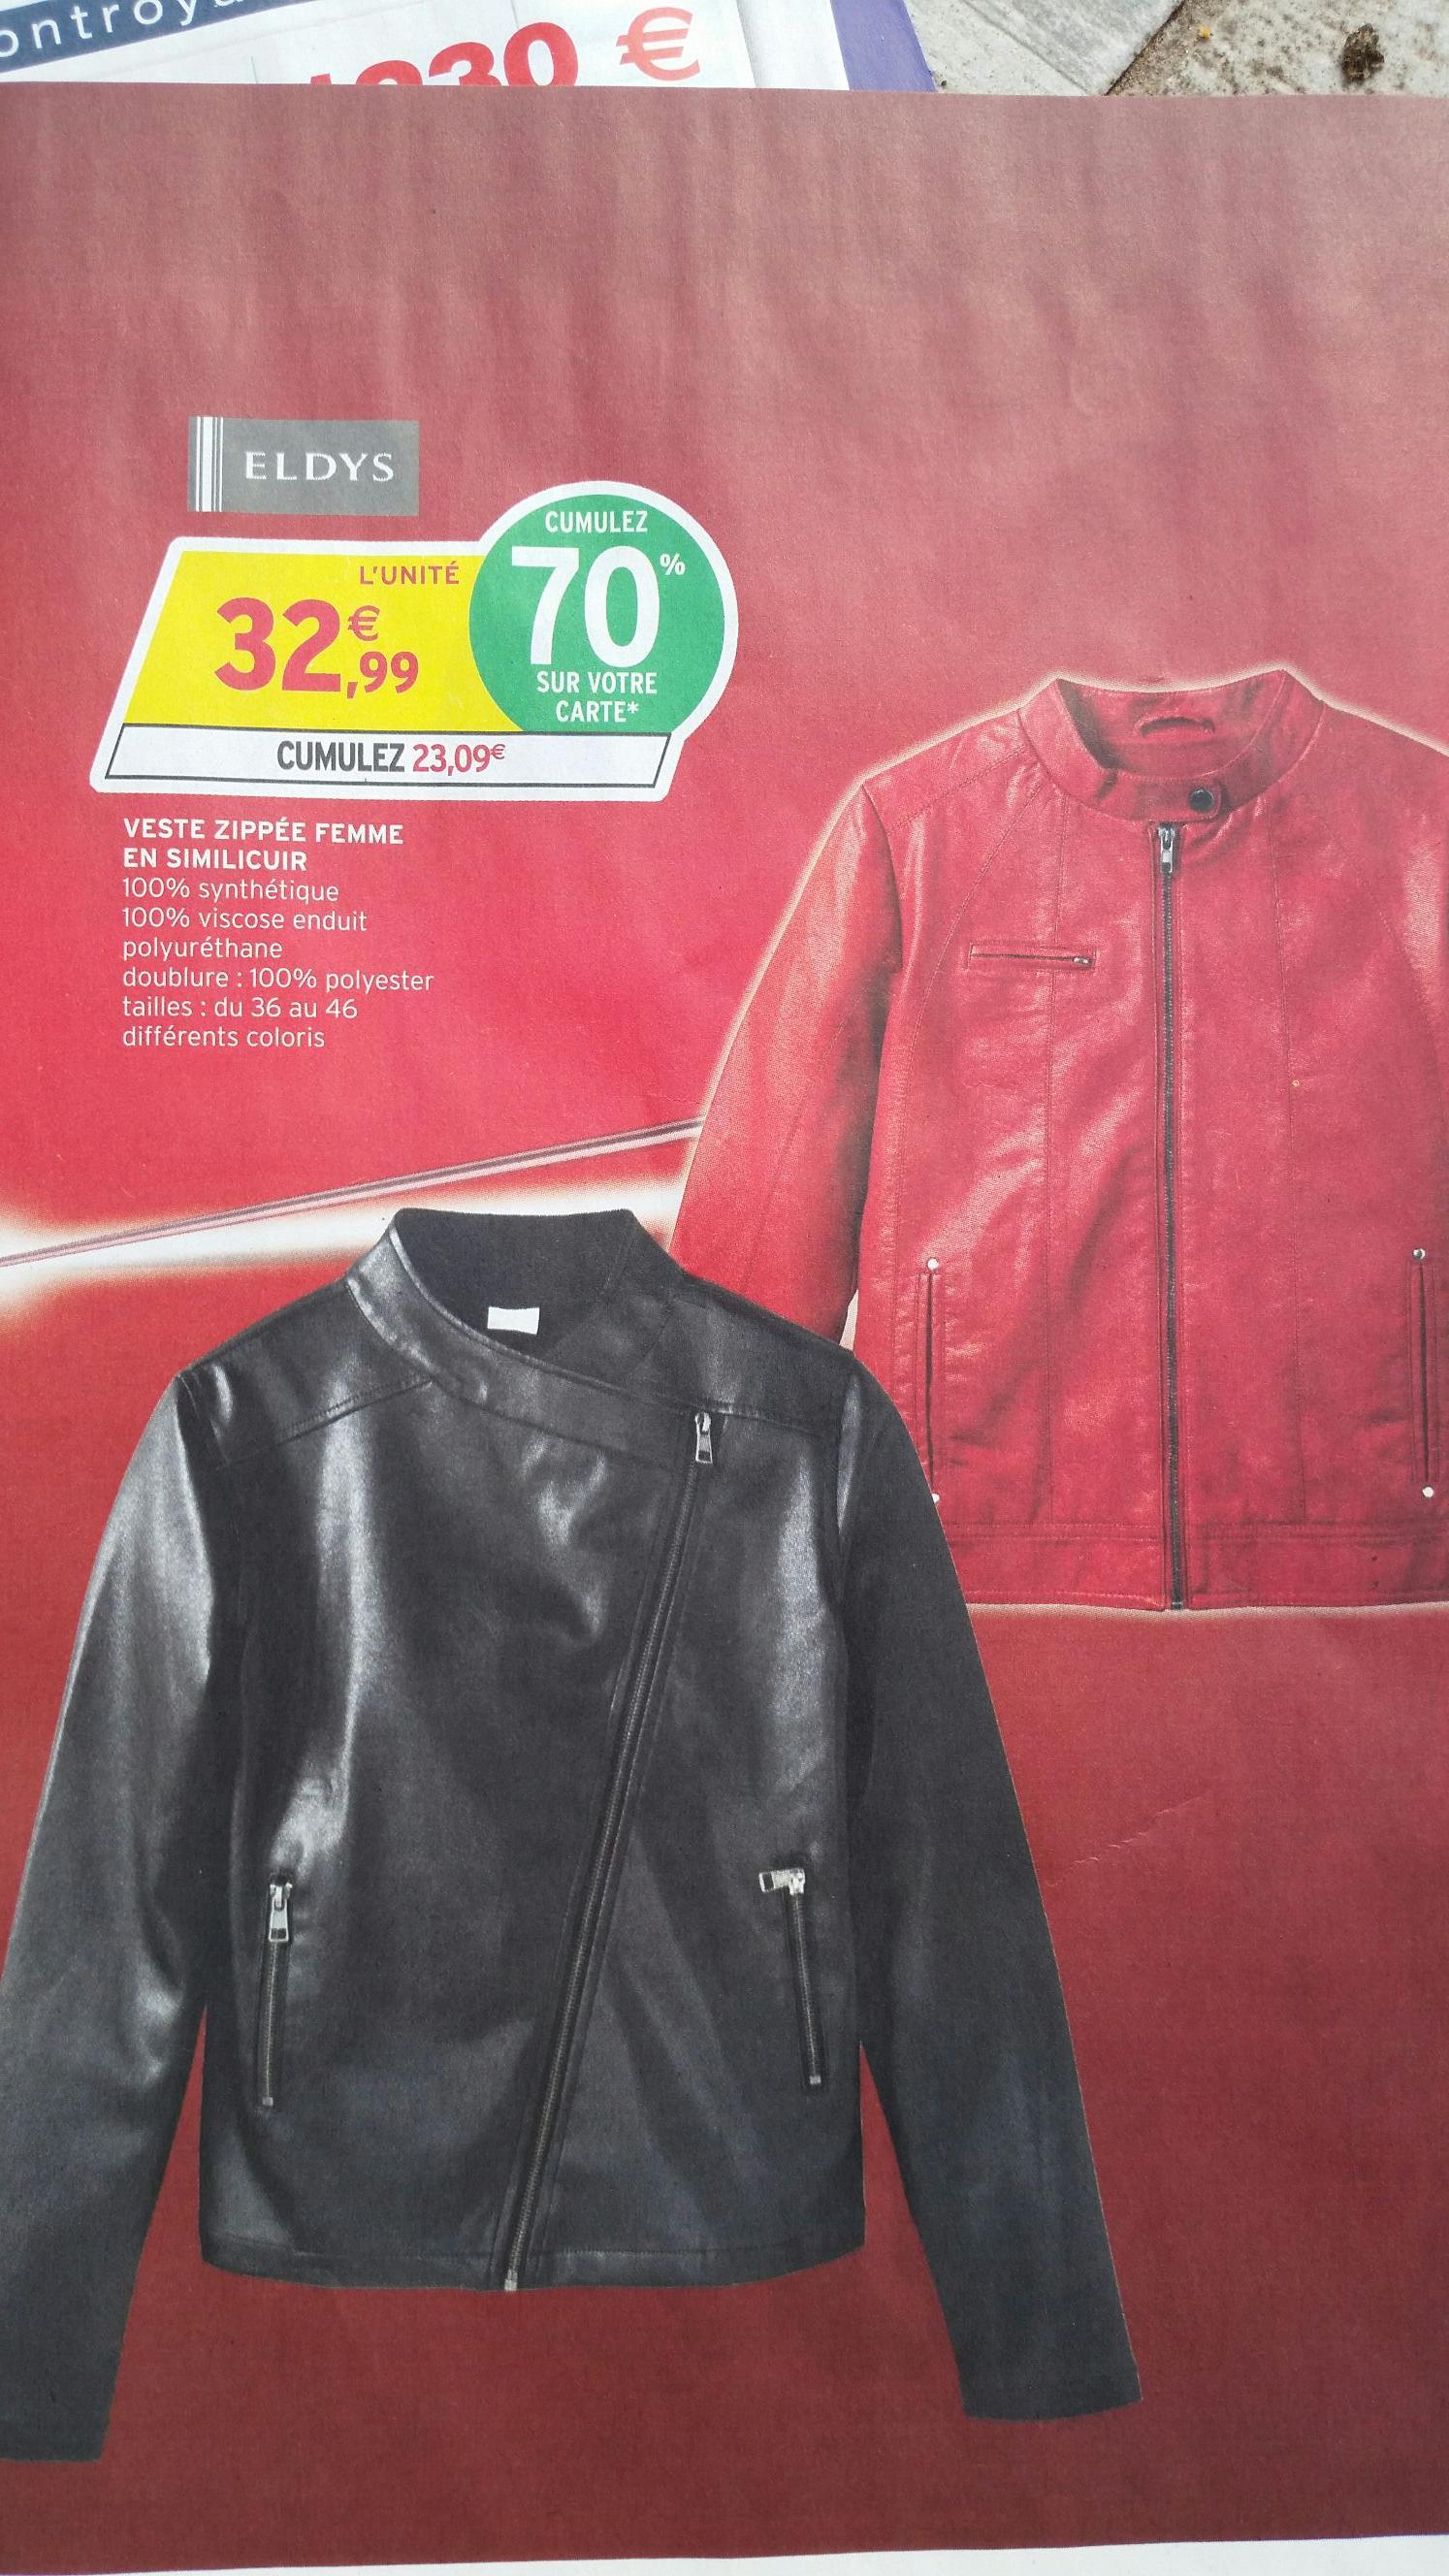 Veste zippée femme en simili cuir (via 23,09€ sur la carte)